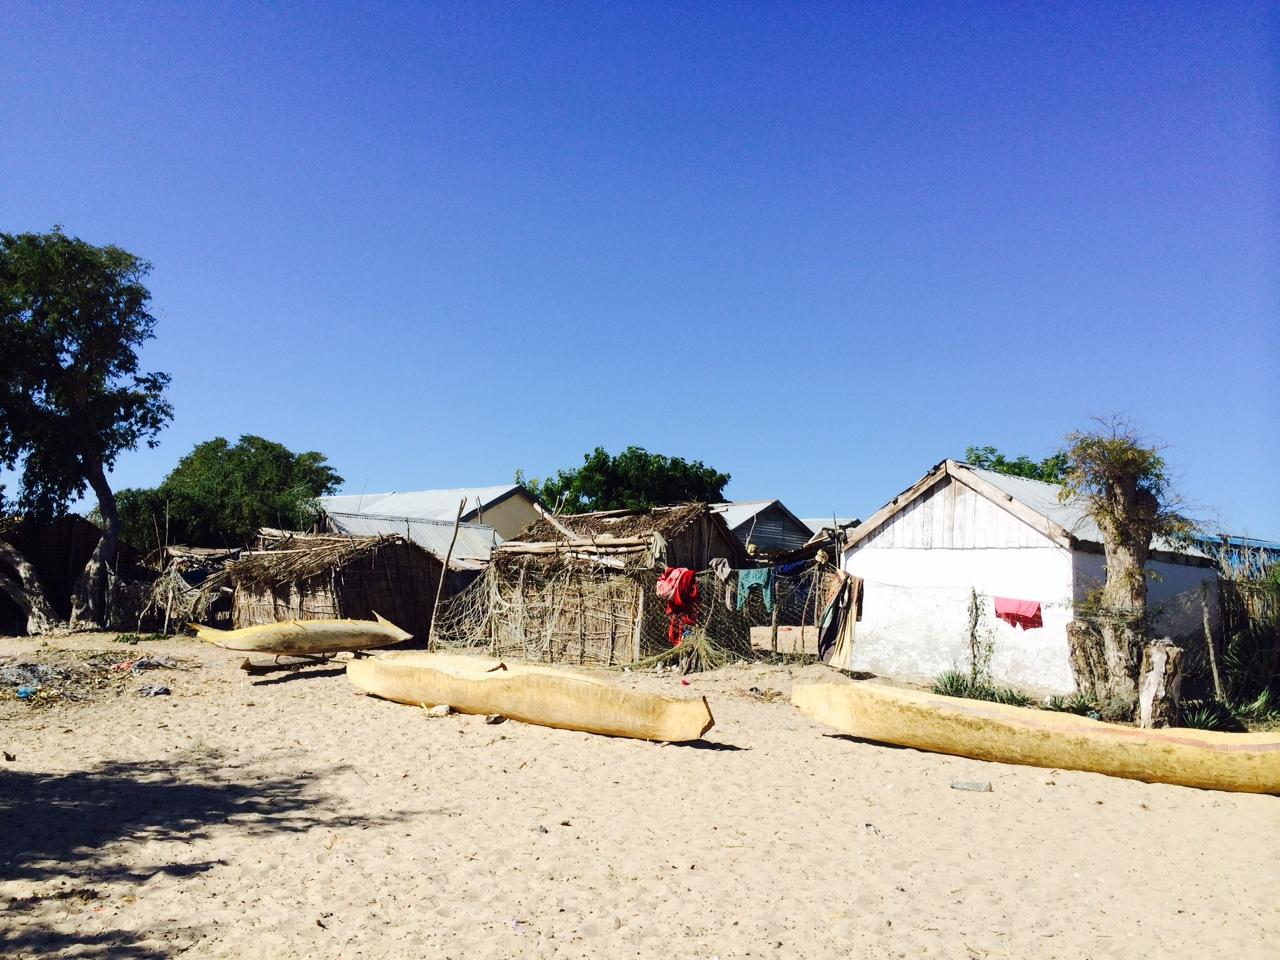 Ifaty: Madgaszkáron a halászat is fontos jövedelemforrás a part menti településeken: a madagaszkári polipok például olyan népszerűek, hogy a kis Indiai-óceán melletti falvakból Európa szupermarketeinek és éttermeinek polcaira is szállítanak belőle (Fotó: Szabó Nóra)